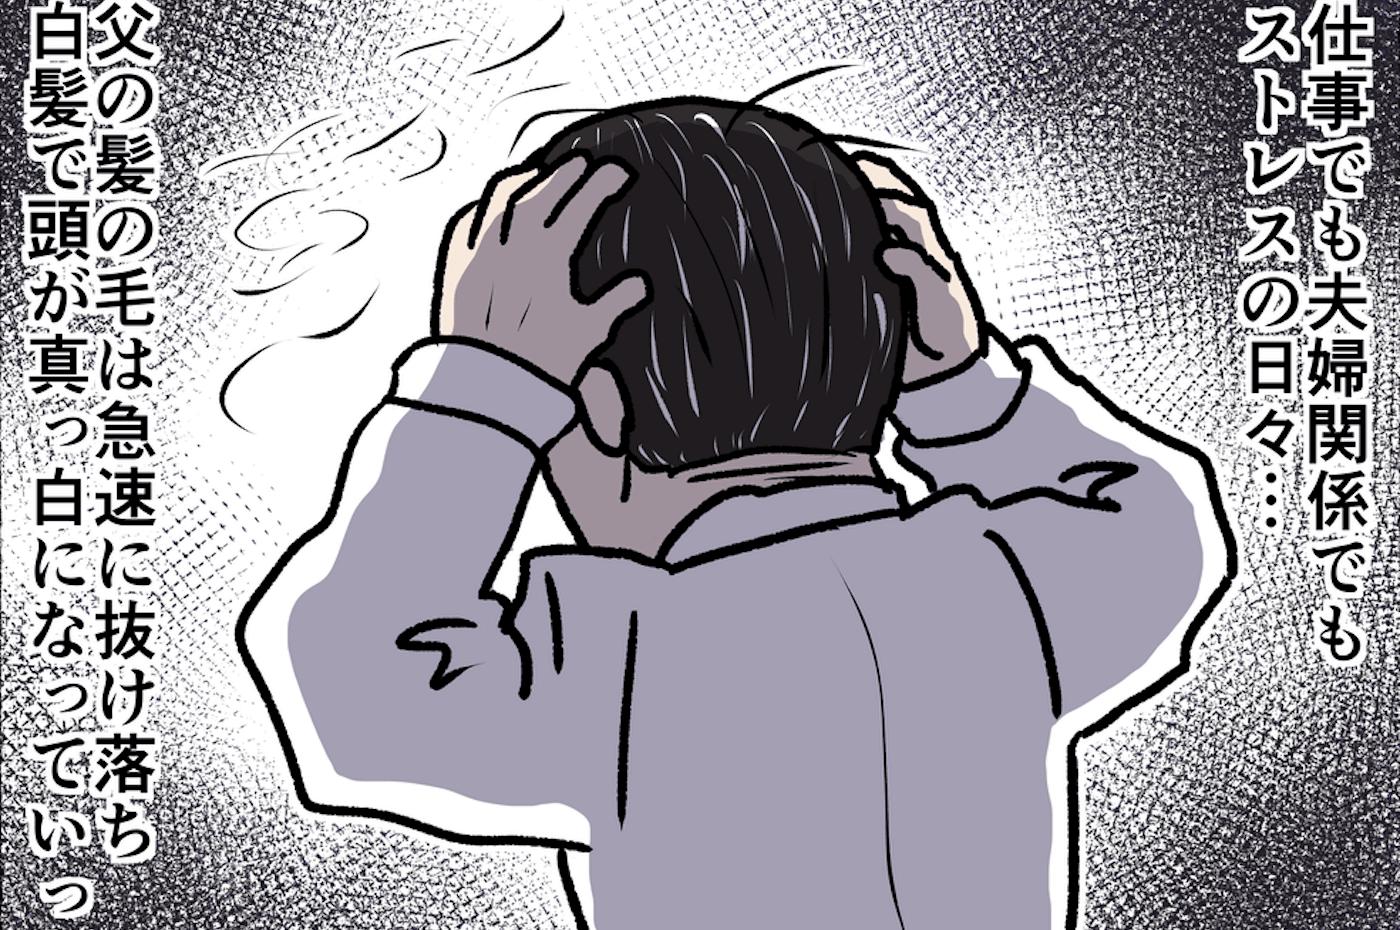 仕事と家庭の悩みで苦しんでいた父 ついには母へ怒りをぶつけるようになり…